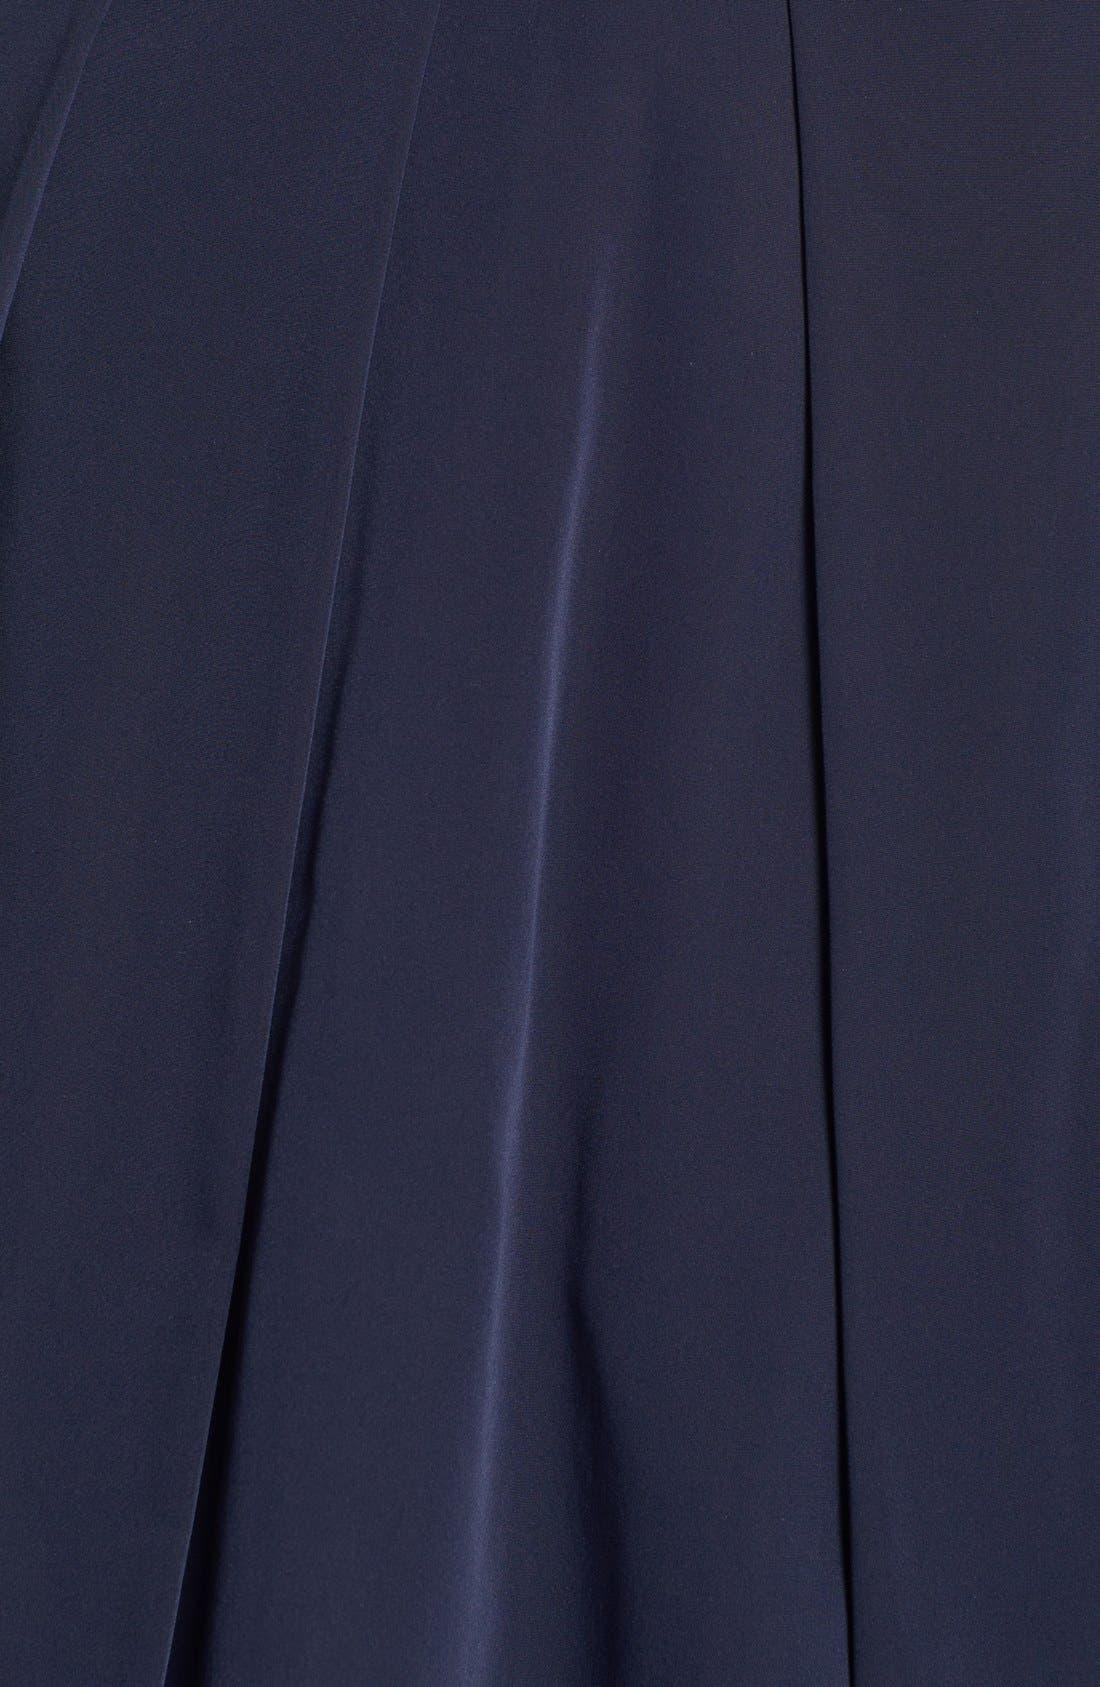 'Tabitha' Skirt,                             Alternate thumbnail 2, color,                             410